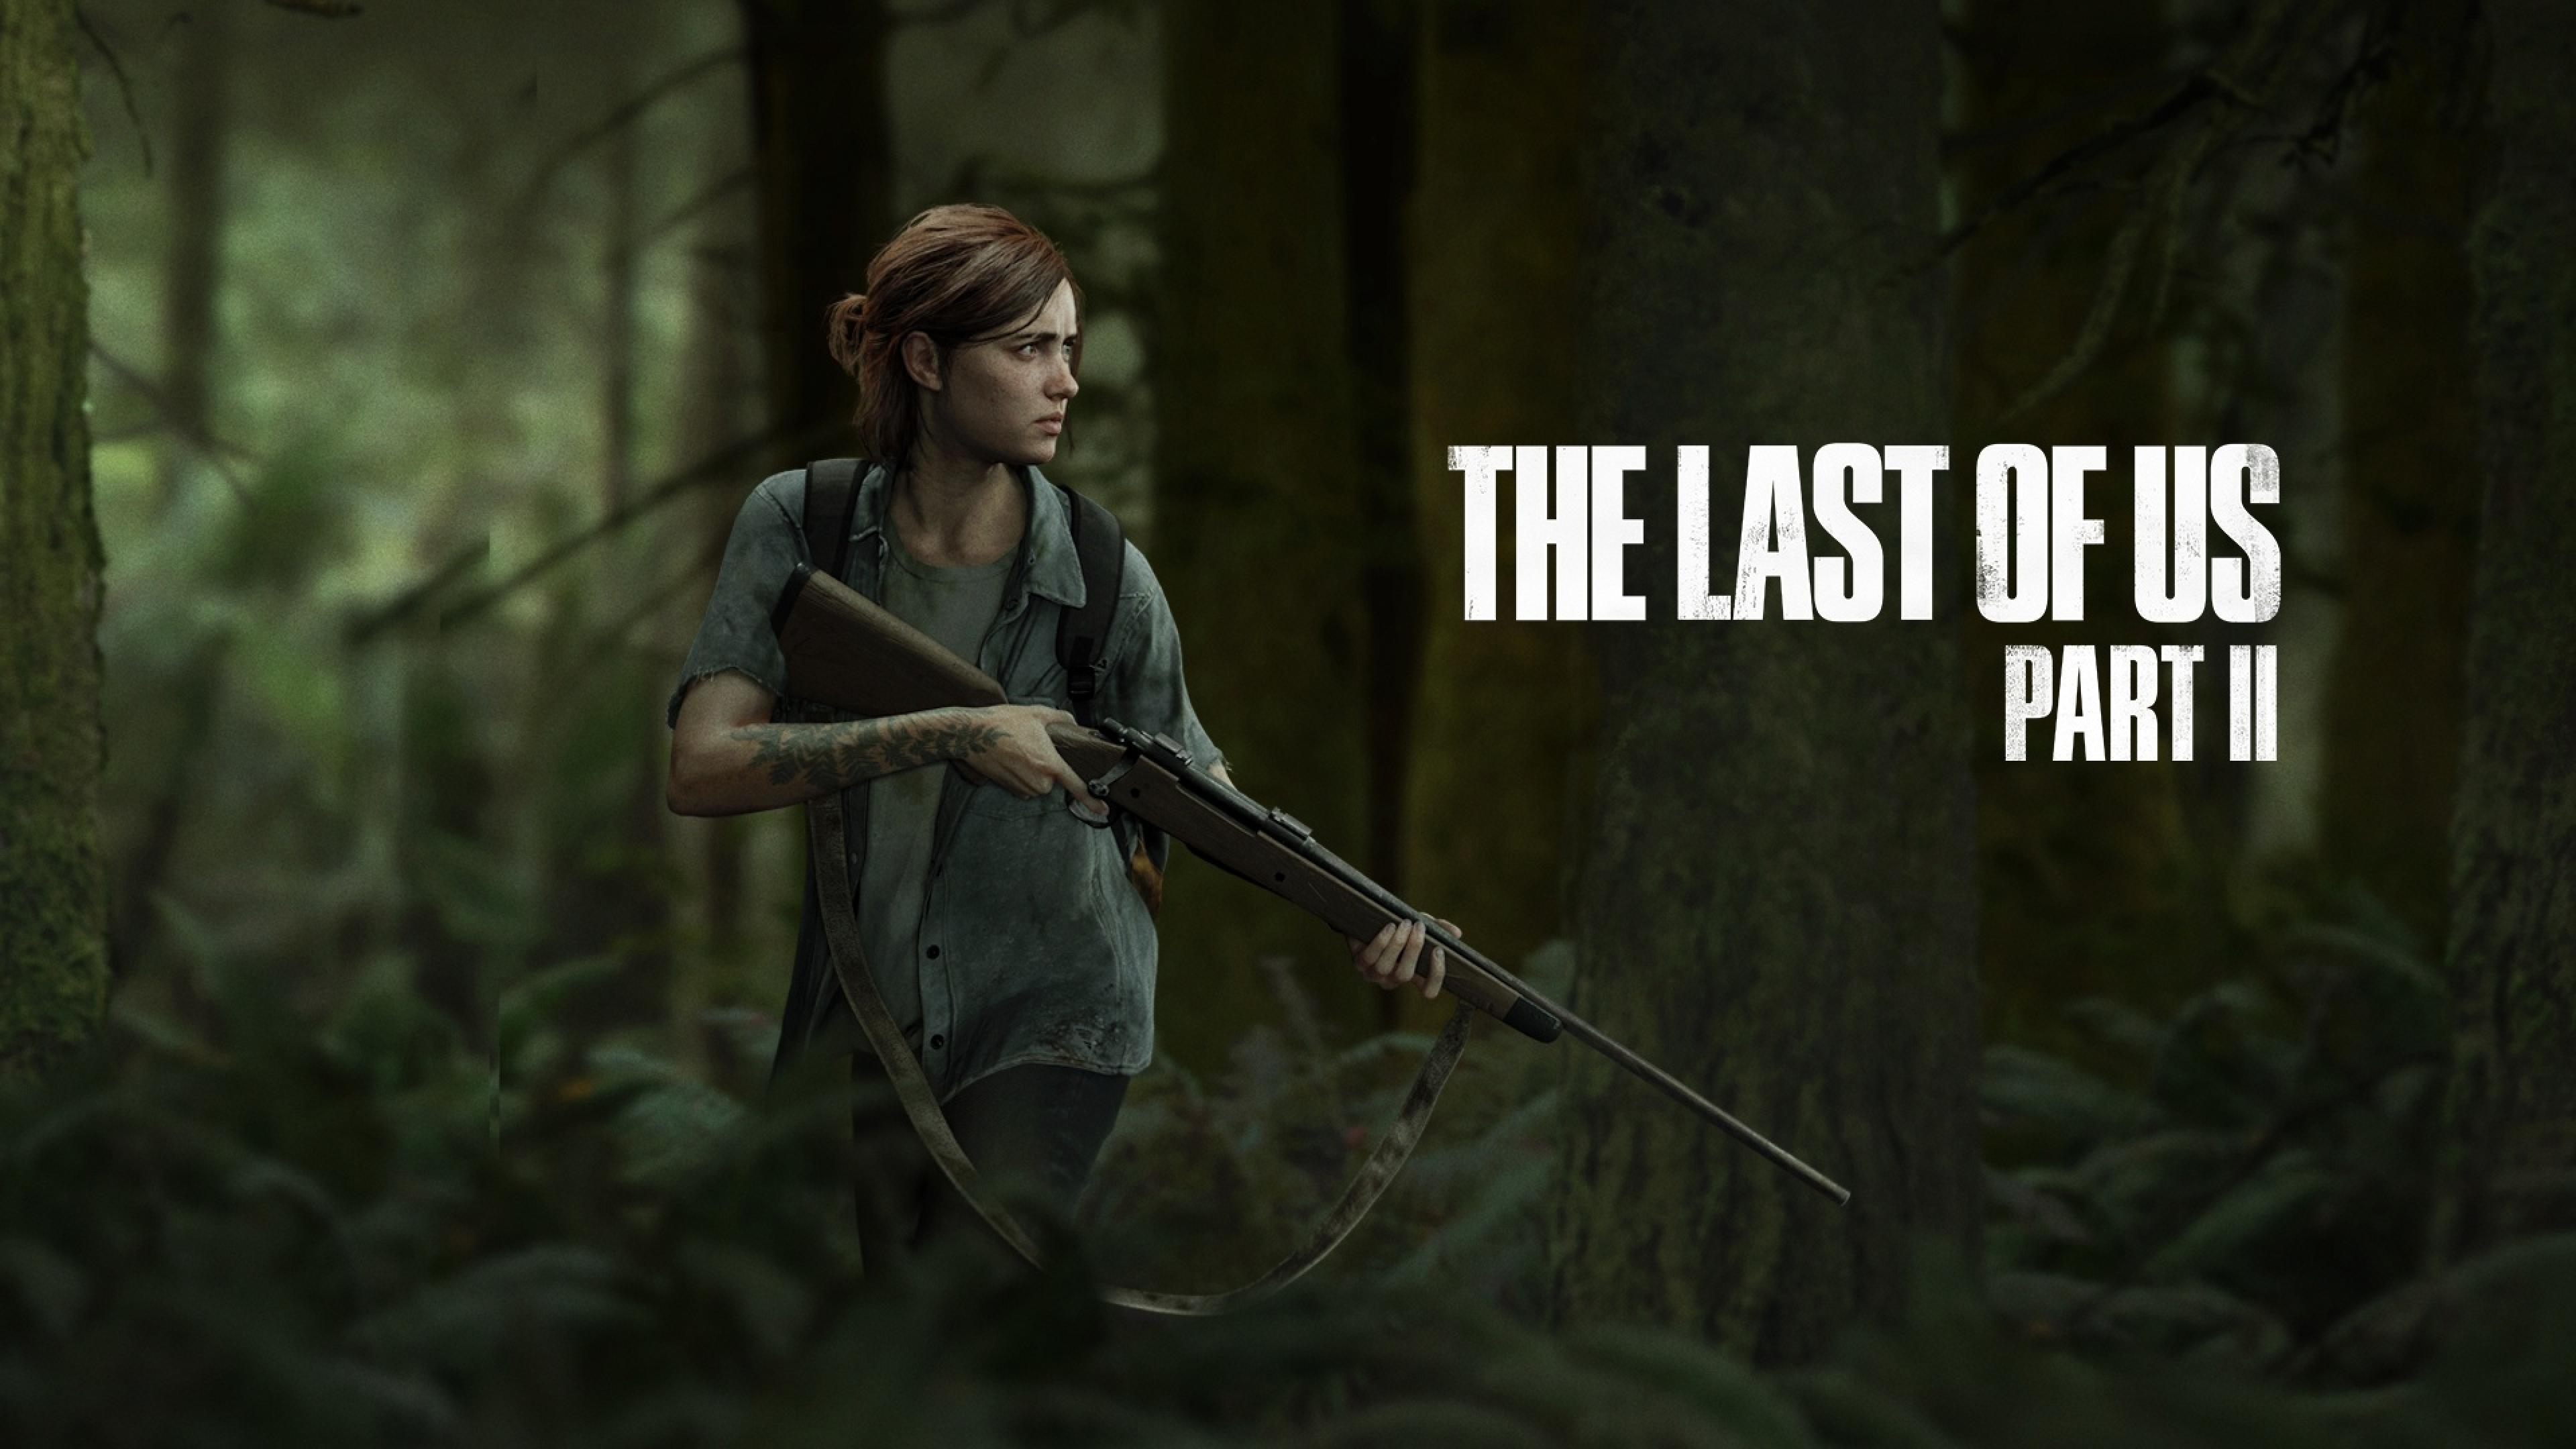 3840x2160 The Last of Us Part 2 PS5 4K Wallpaper, HD Games ...